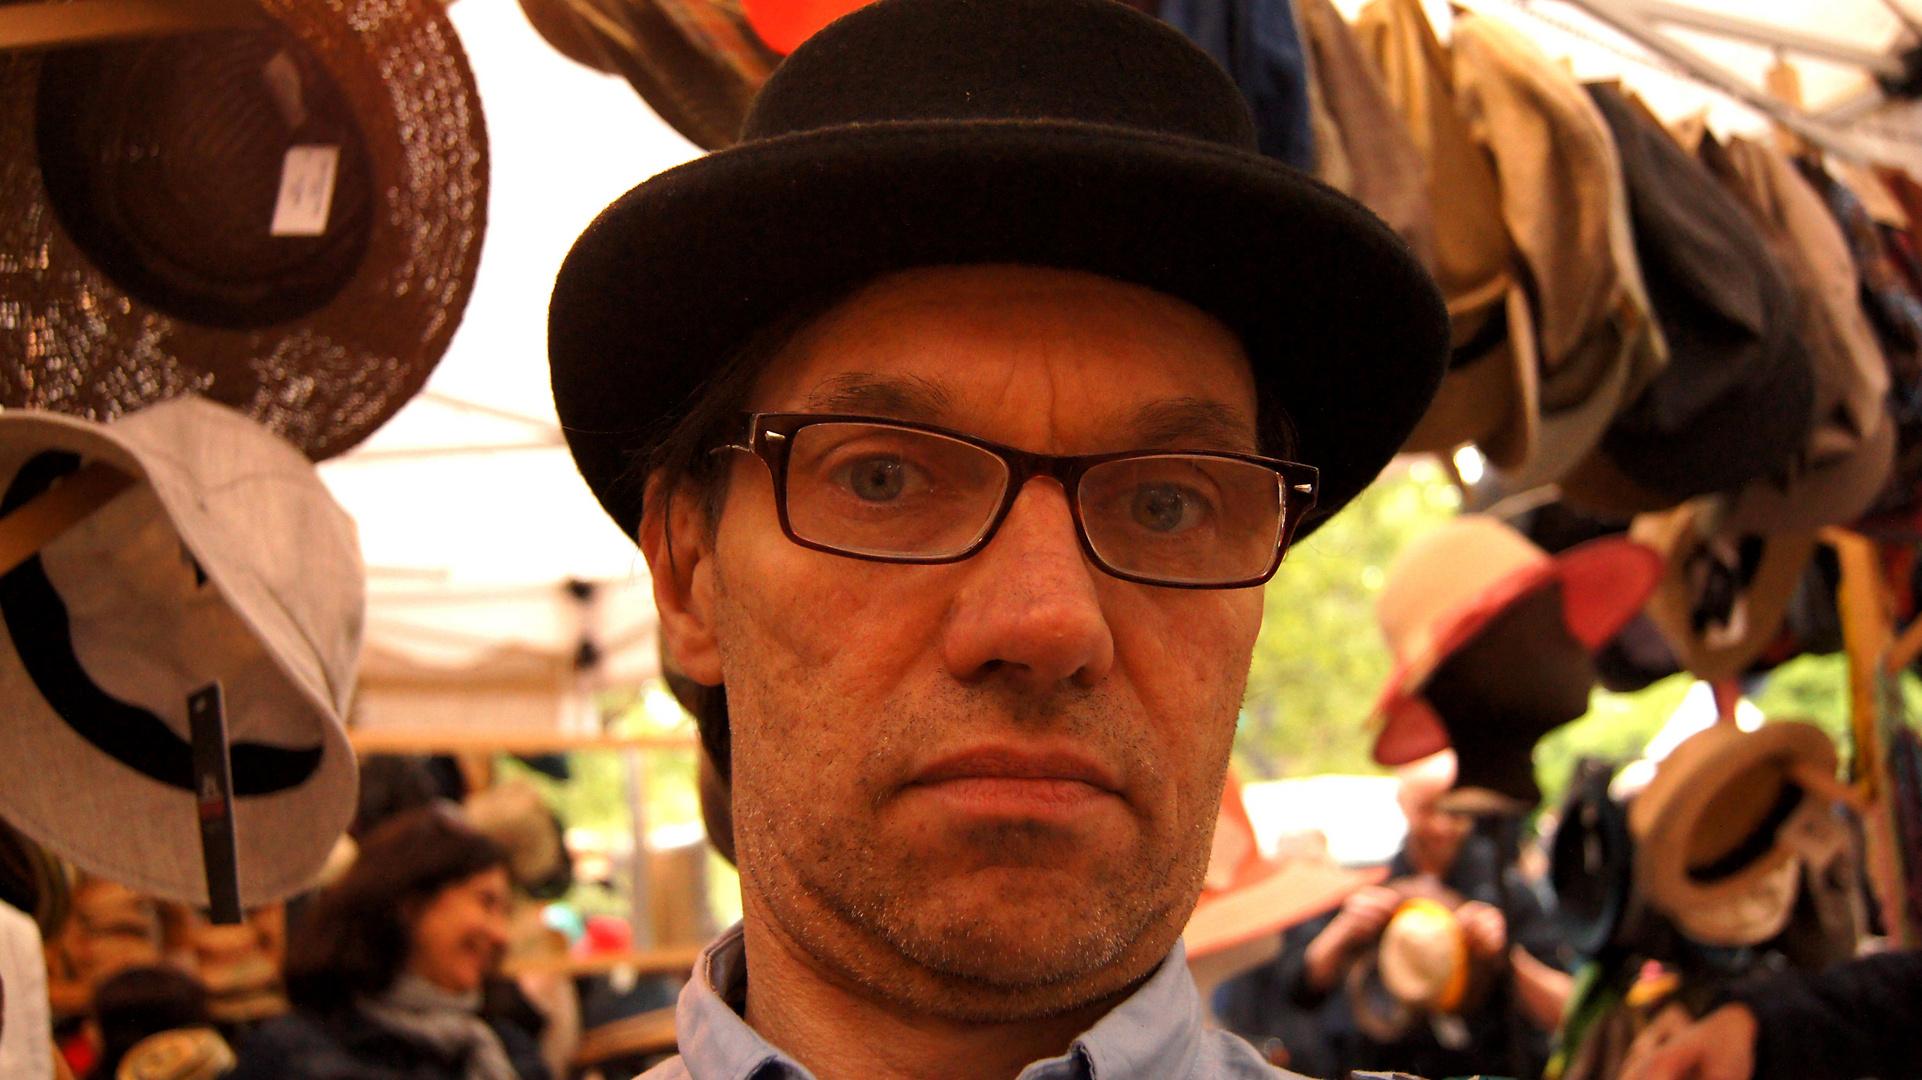 mit Hut und Brille